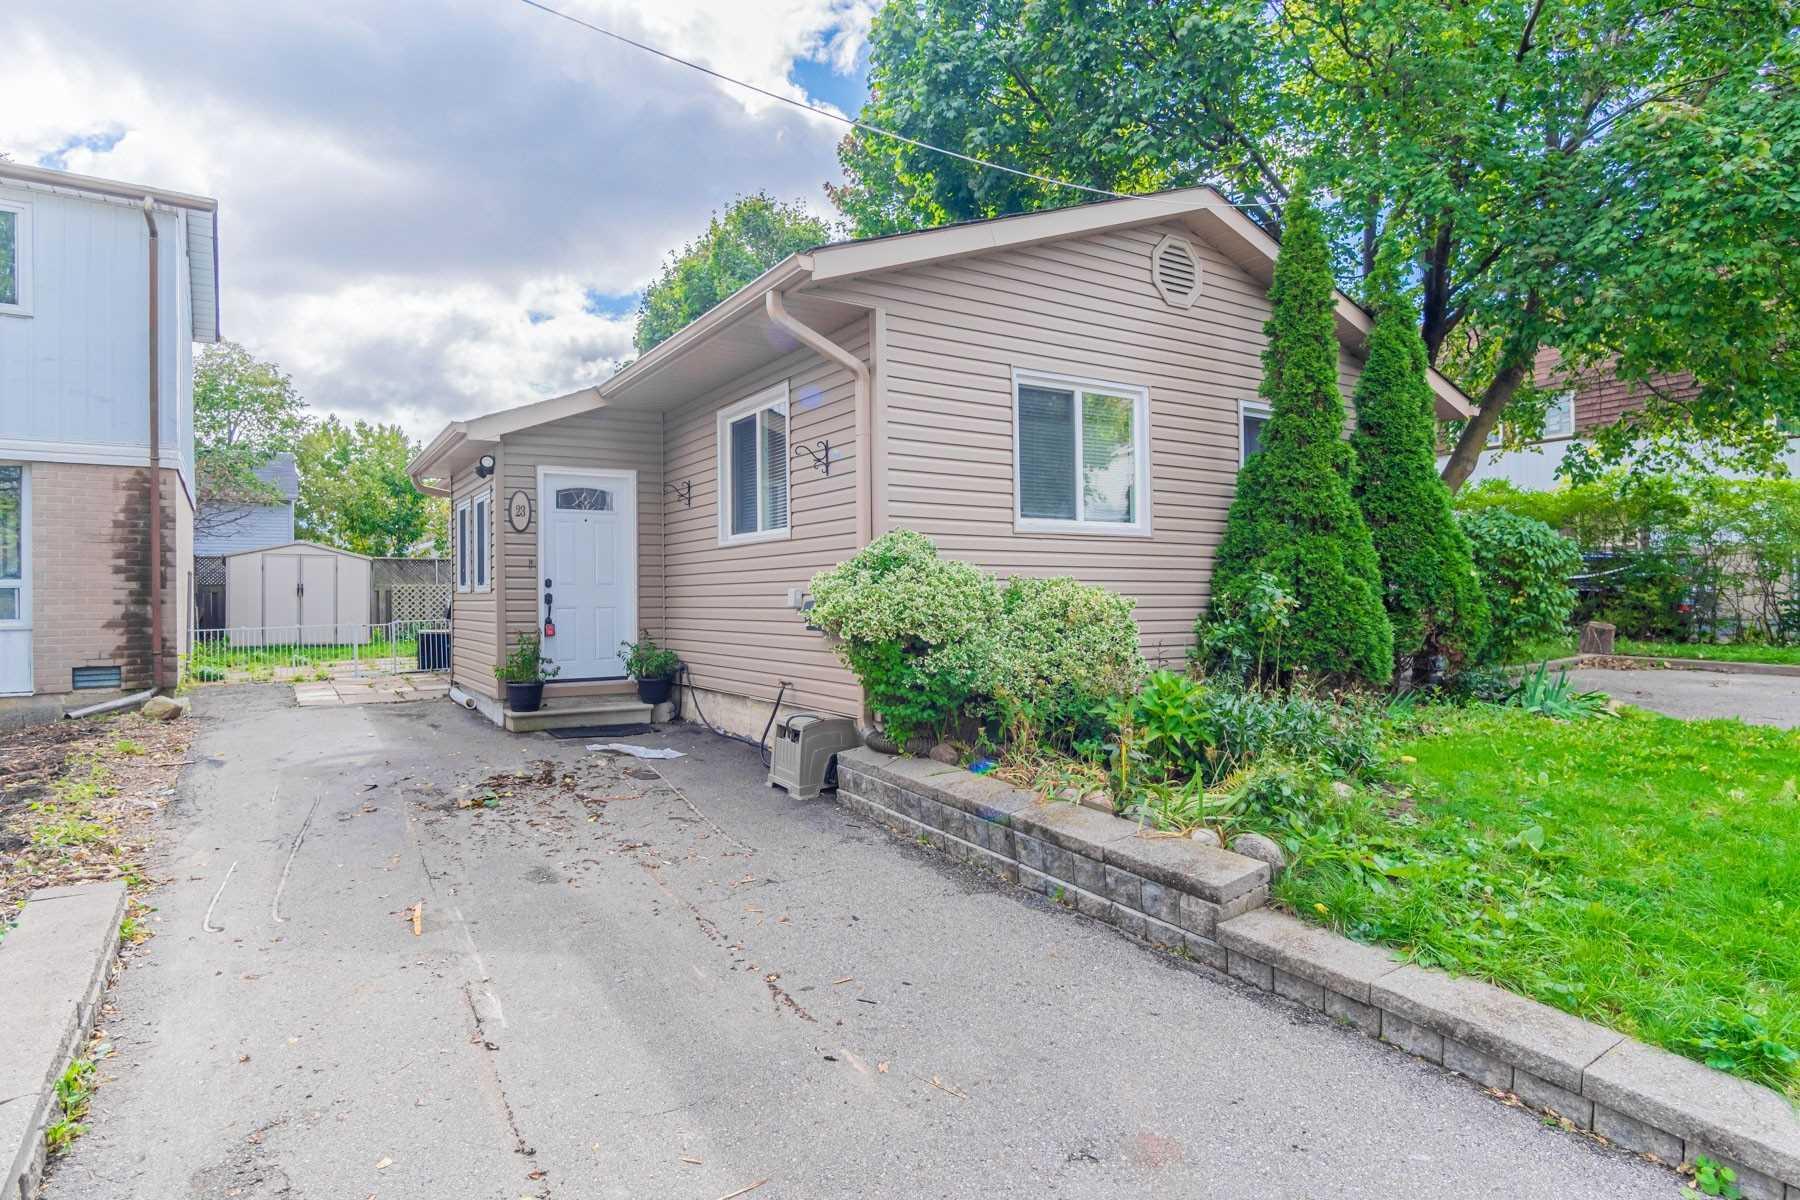 Detached house For Sale In Brampton - 23 Hazelglen Crt, Brampton, Ontario, Canada L6S1N7 , 2 Bedrooms Bedrooms, ,2 BathroomsBathrooms,Detached,For Sale,Hazelglen